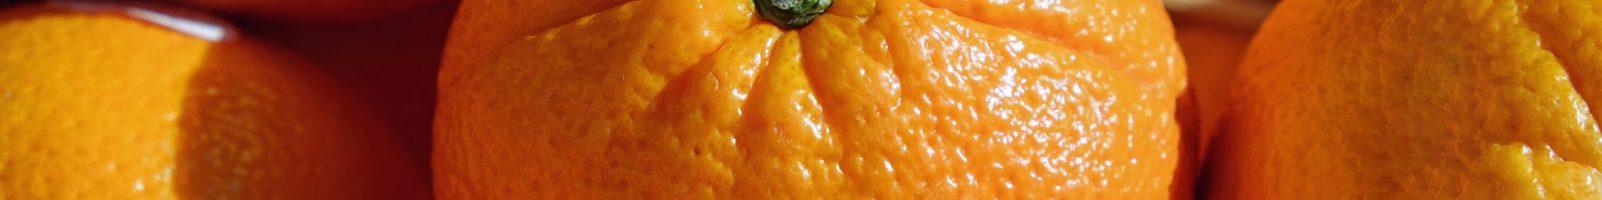 Descubre todos los beneficios de la vitamina C